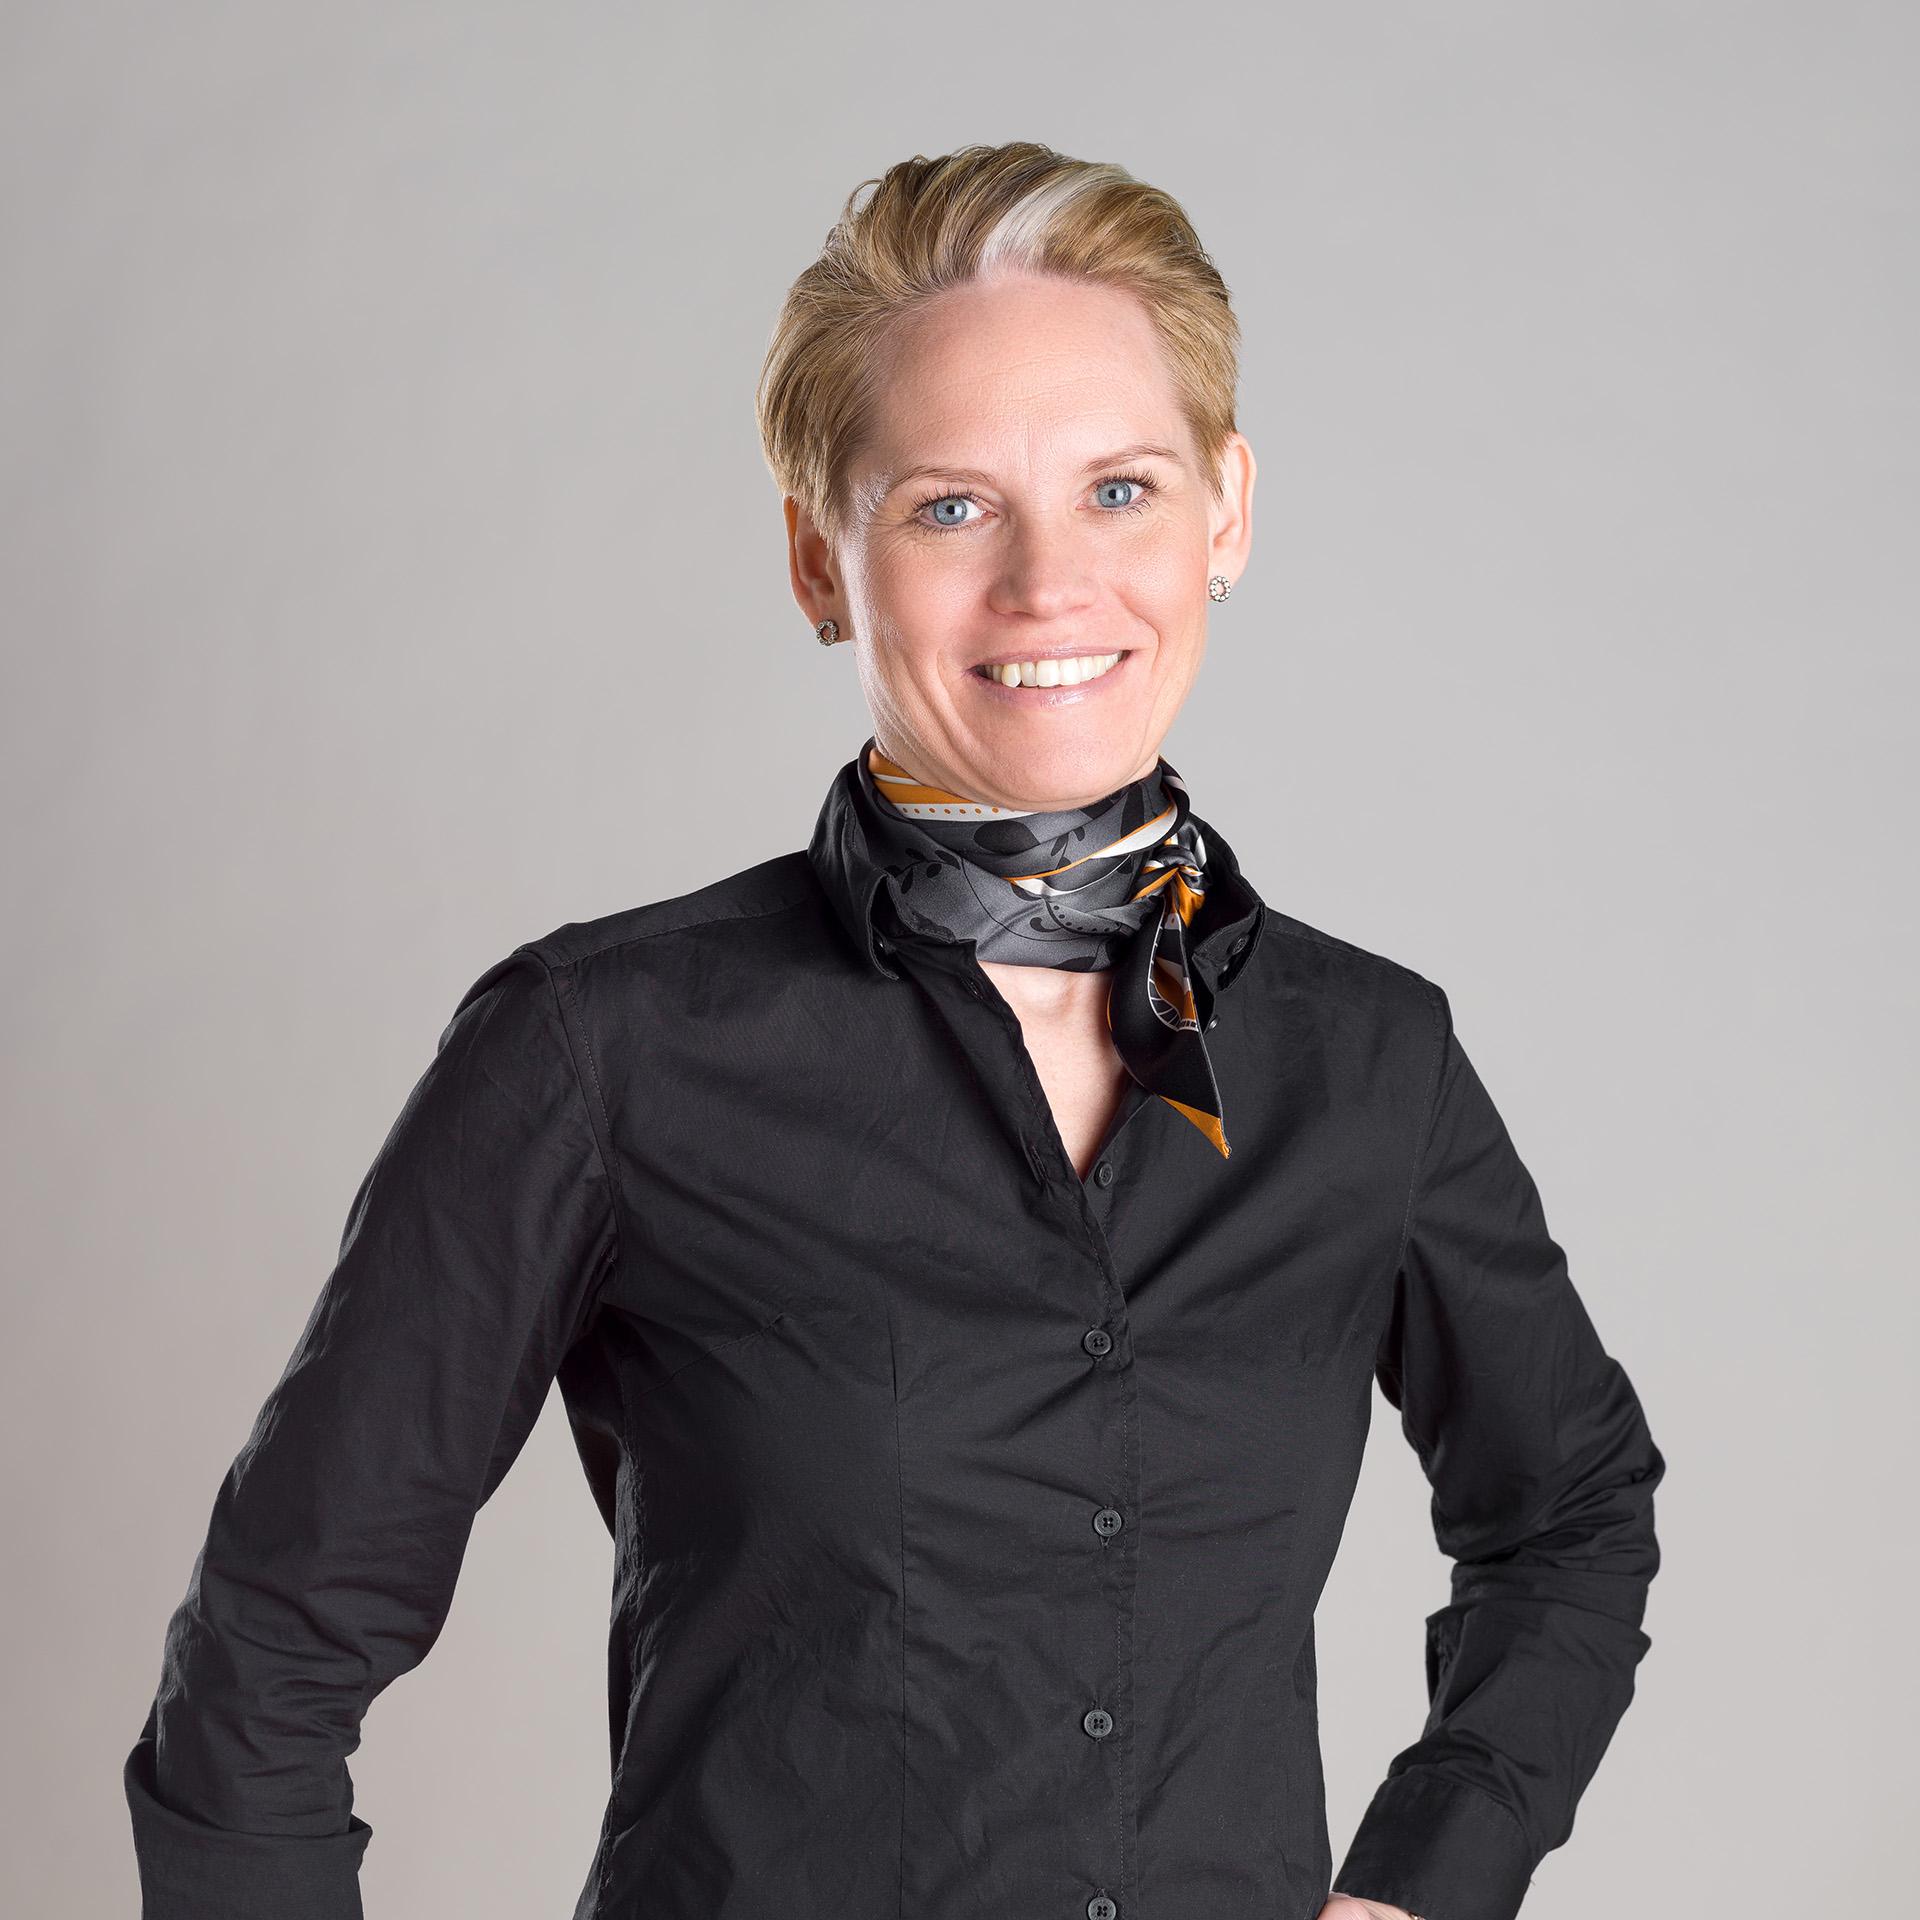 Gnosjö Automatsvarvning Linda Fransson vd